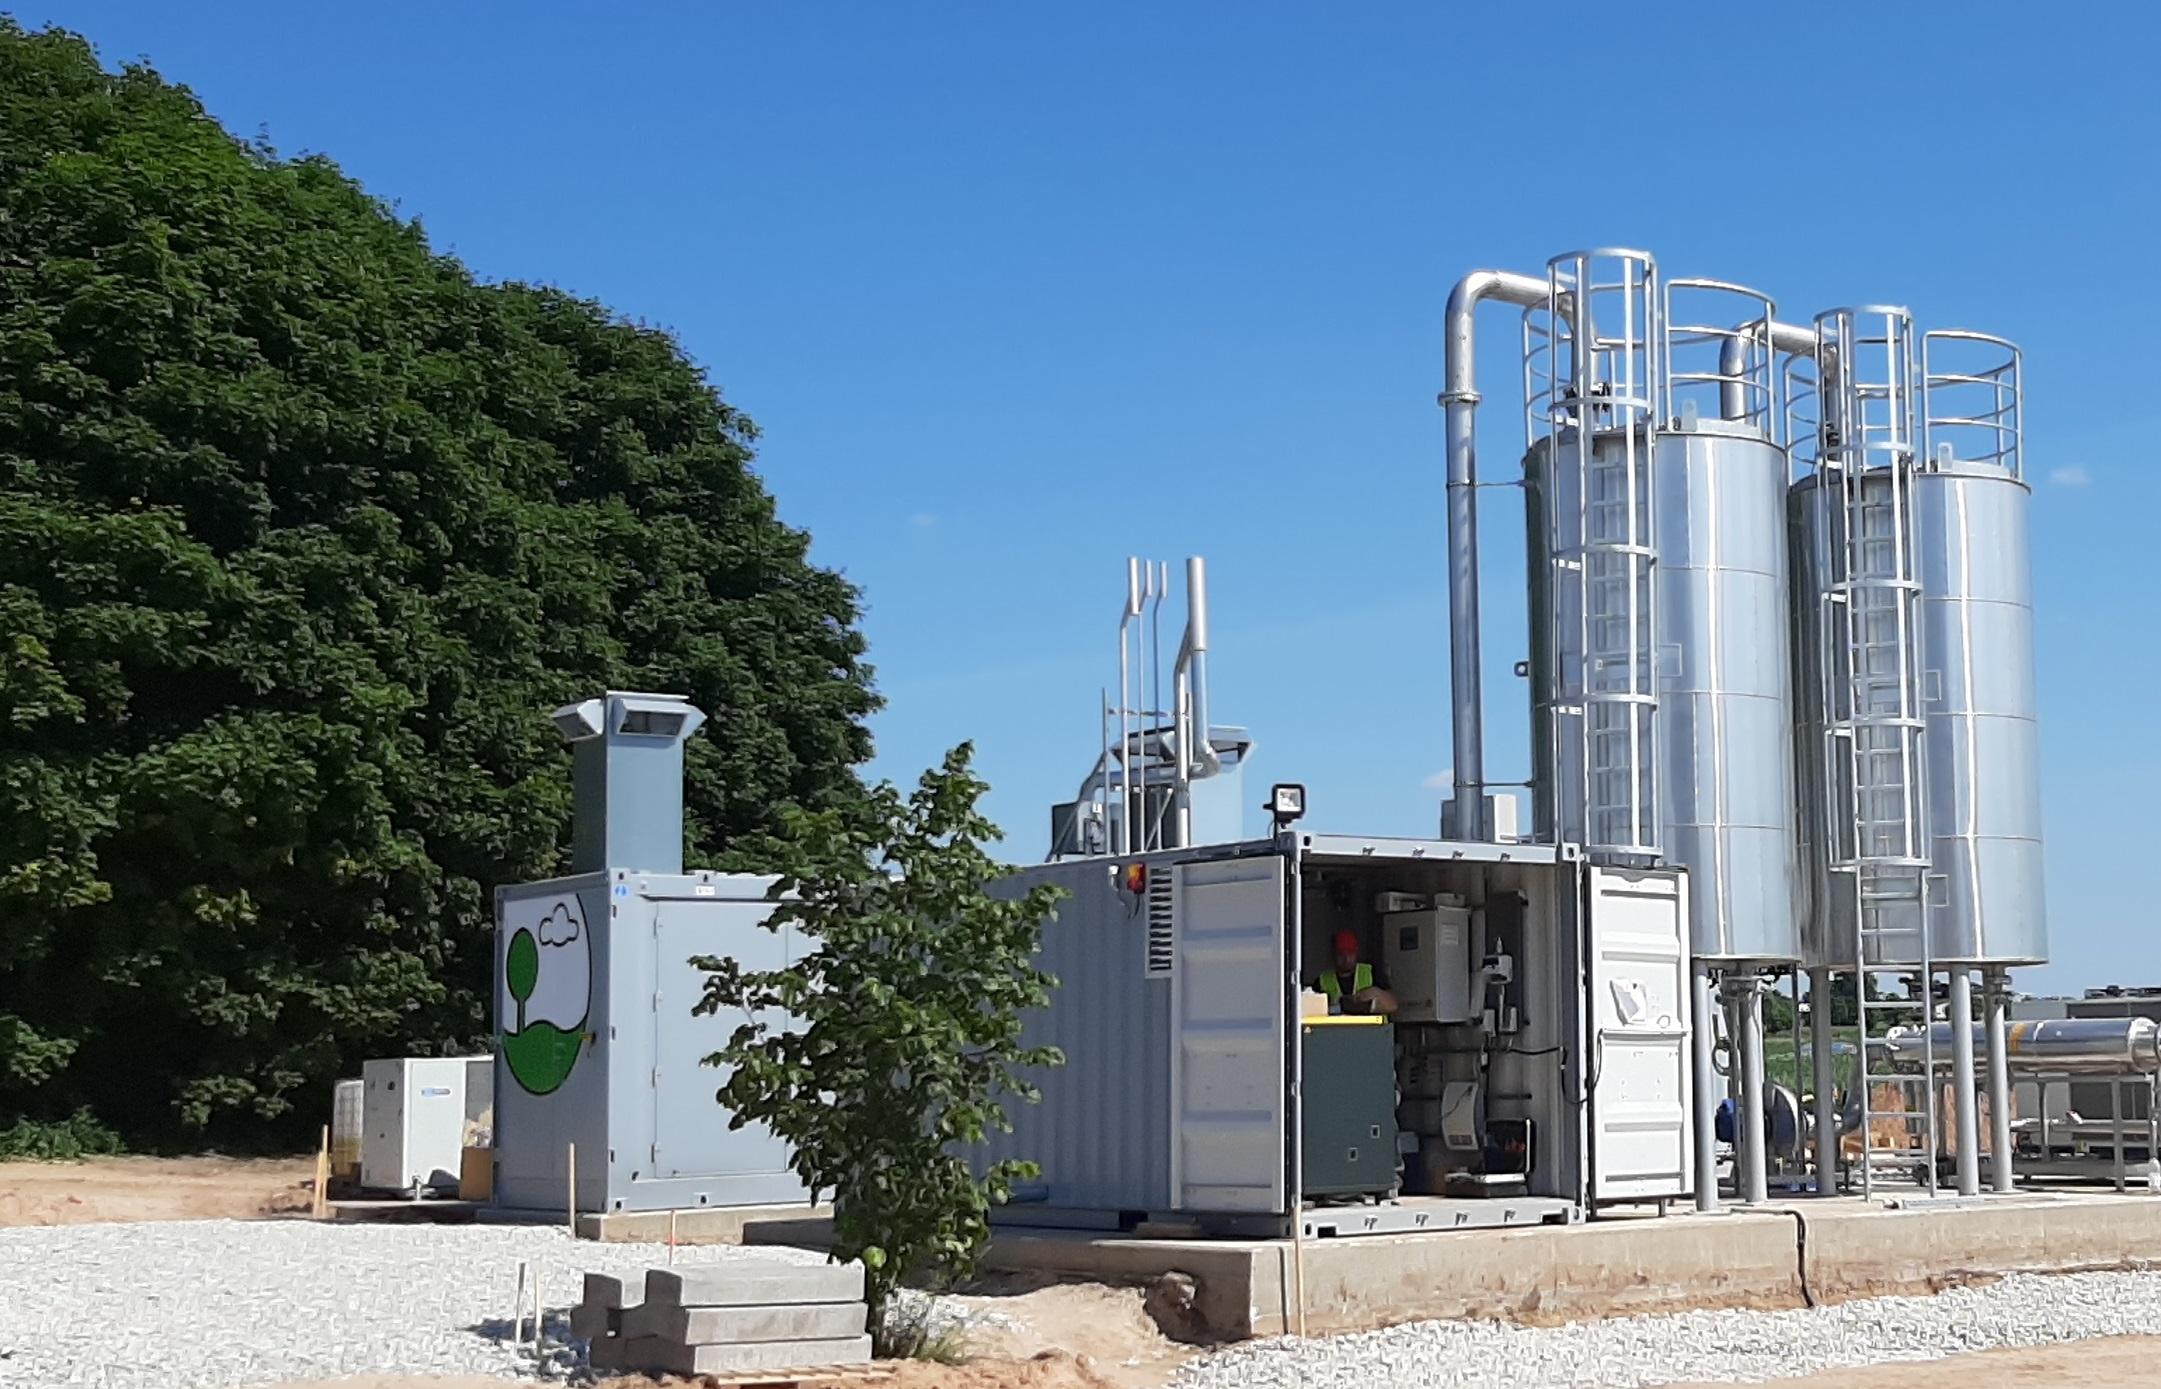 Nur 6 Monate nach Auftragseingang speist die Gasaufbereitungsanlage bereits Biomethan in das estnische Gasnetz ein.